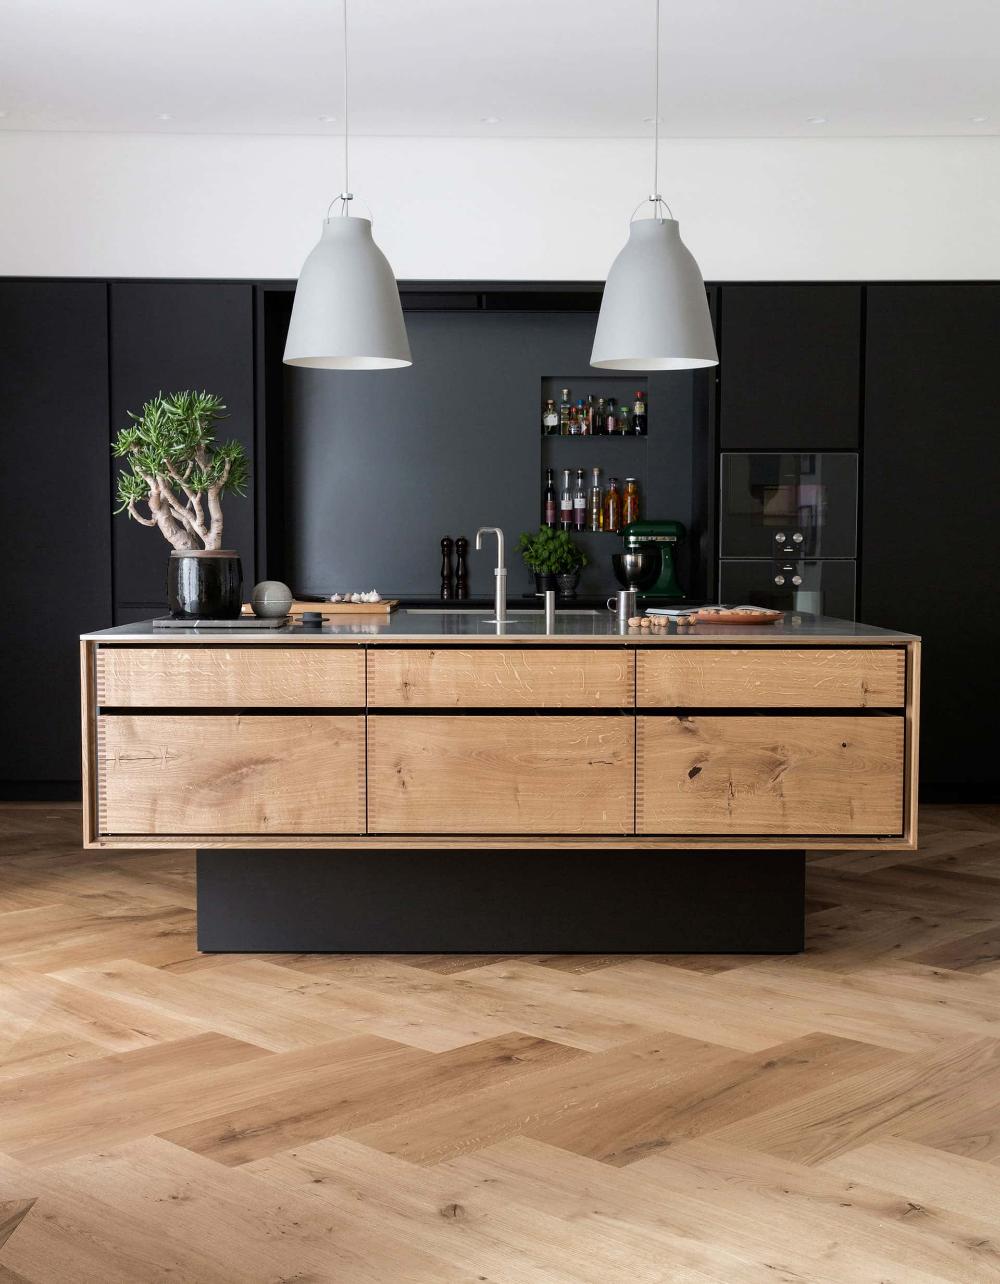 garde hvalsøe apartment  modern kitchen design